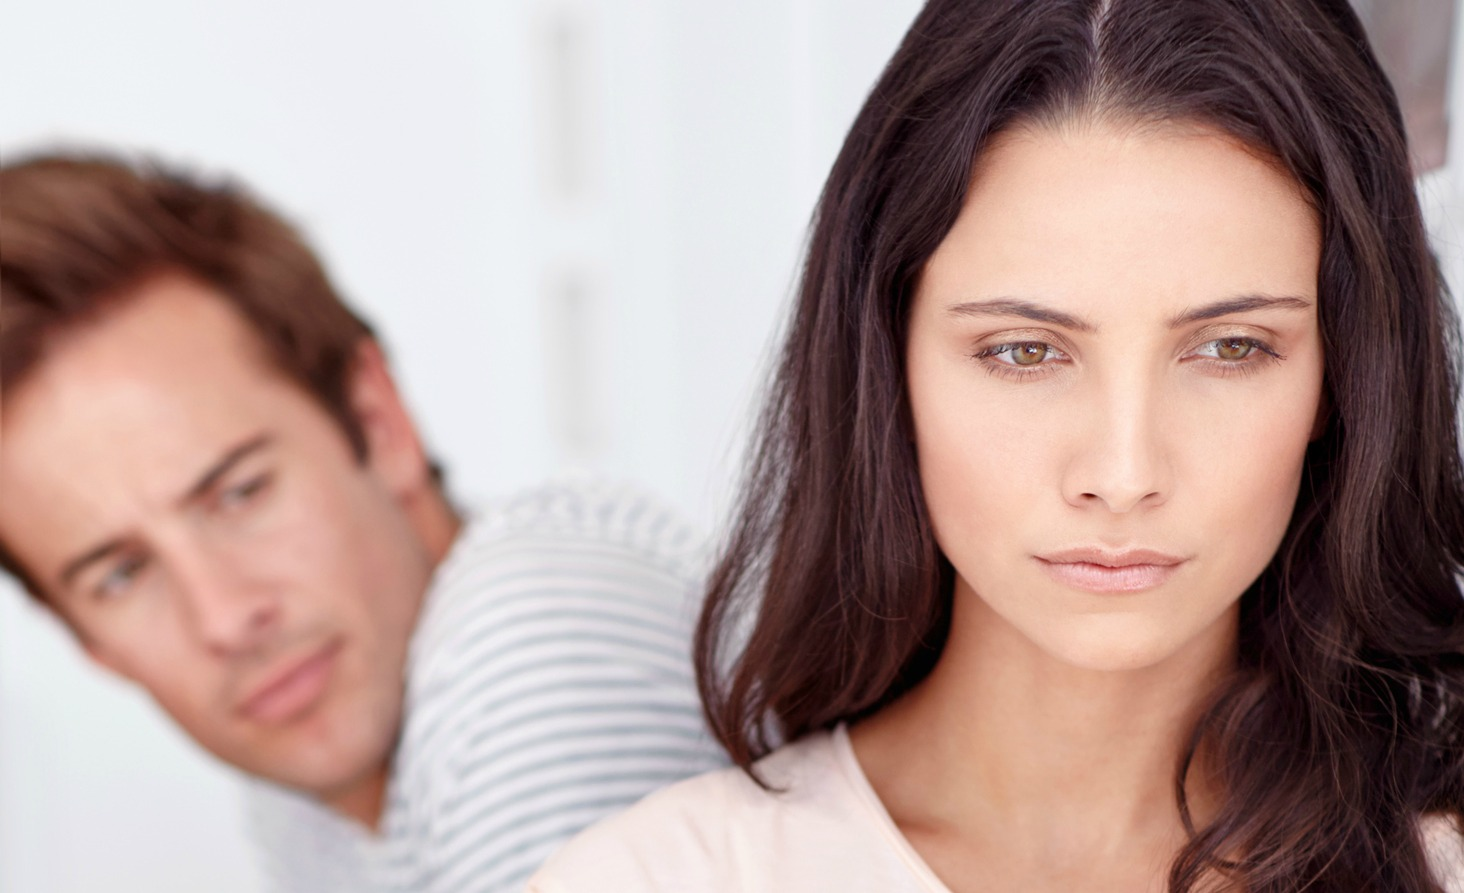 Нравиться боль в сексе